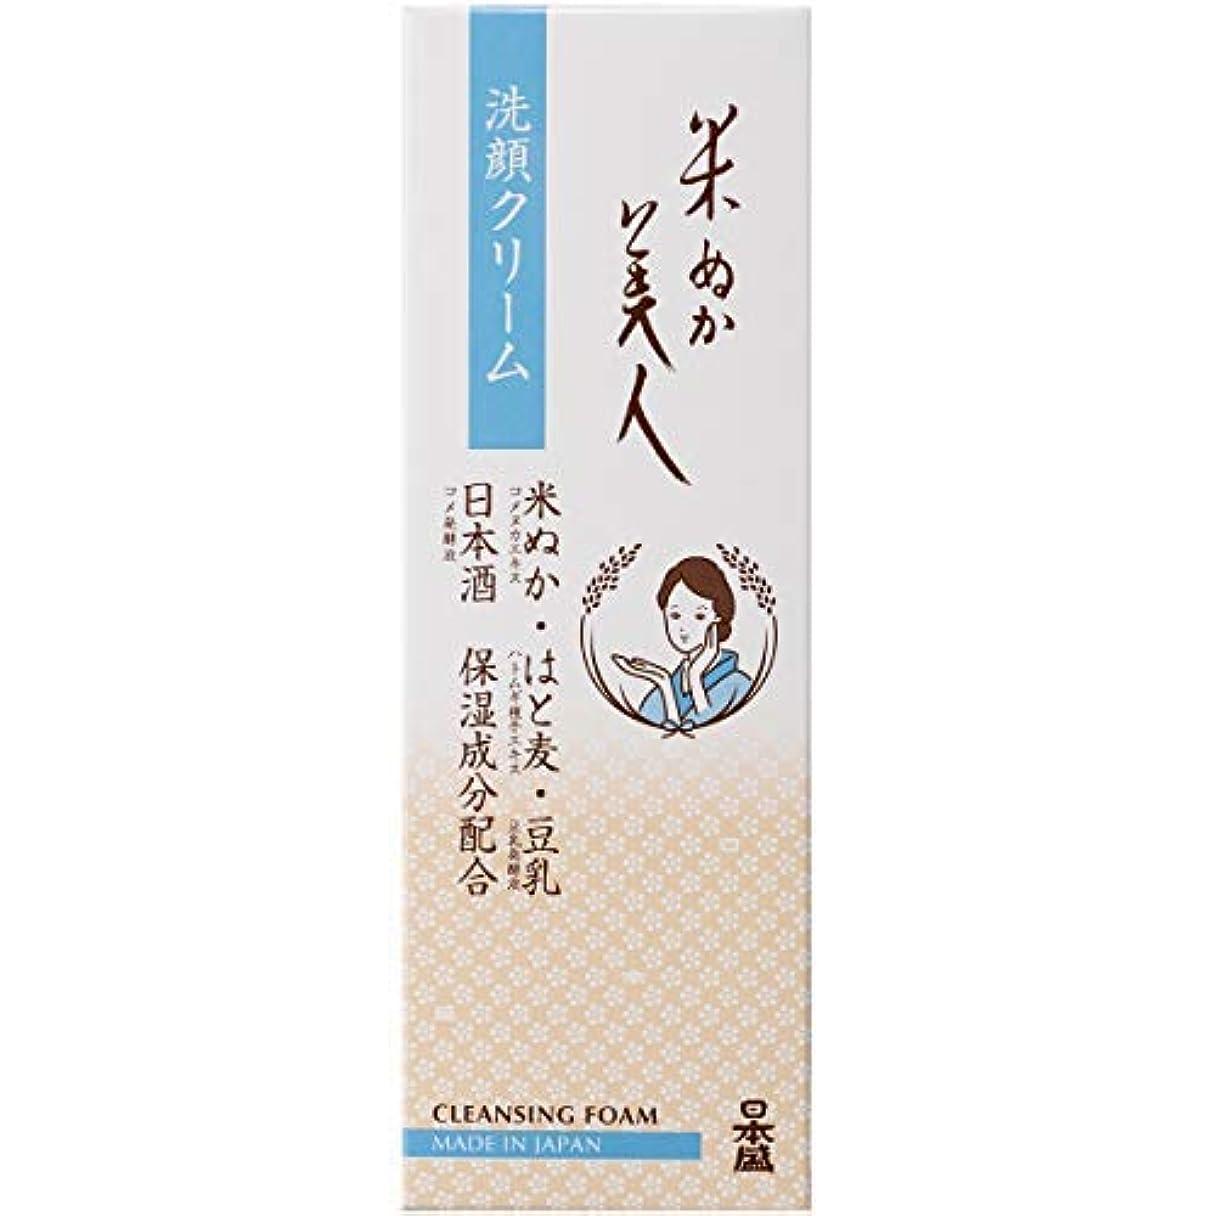 登山家組み合わせ単位米ぬか美人 洗顔クリーム × 2個セット